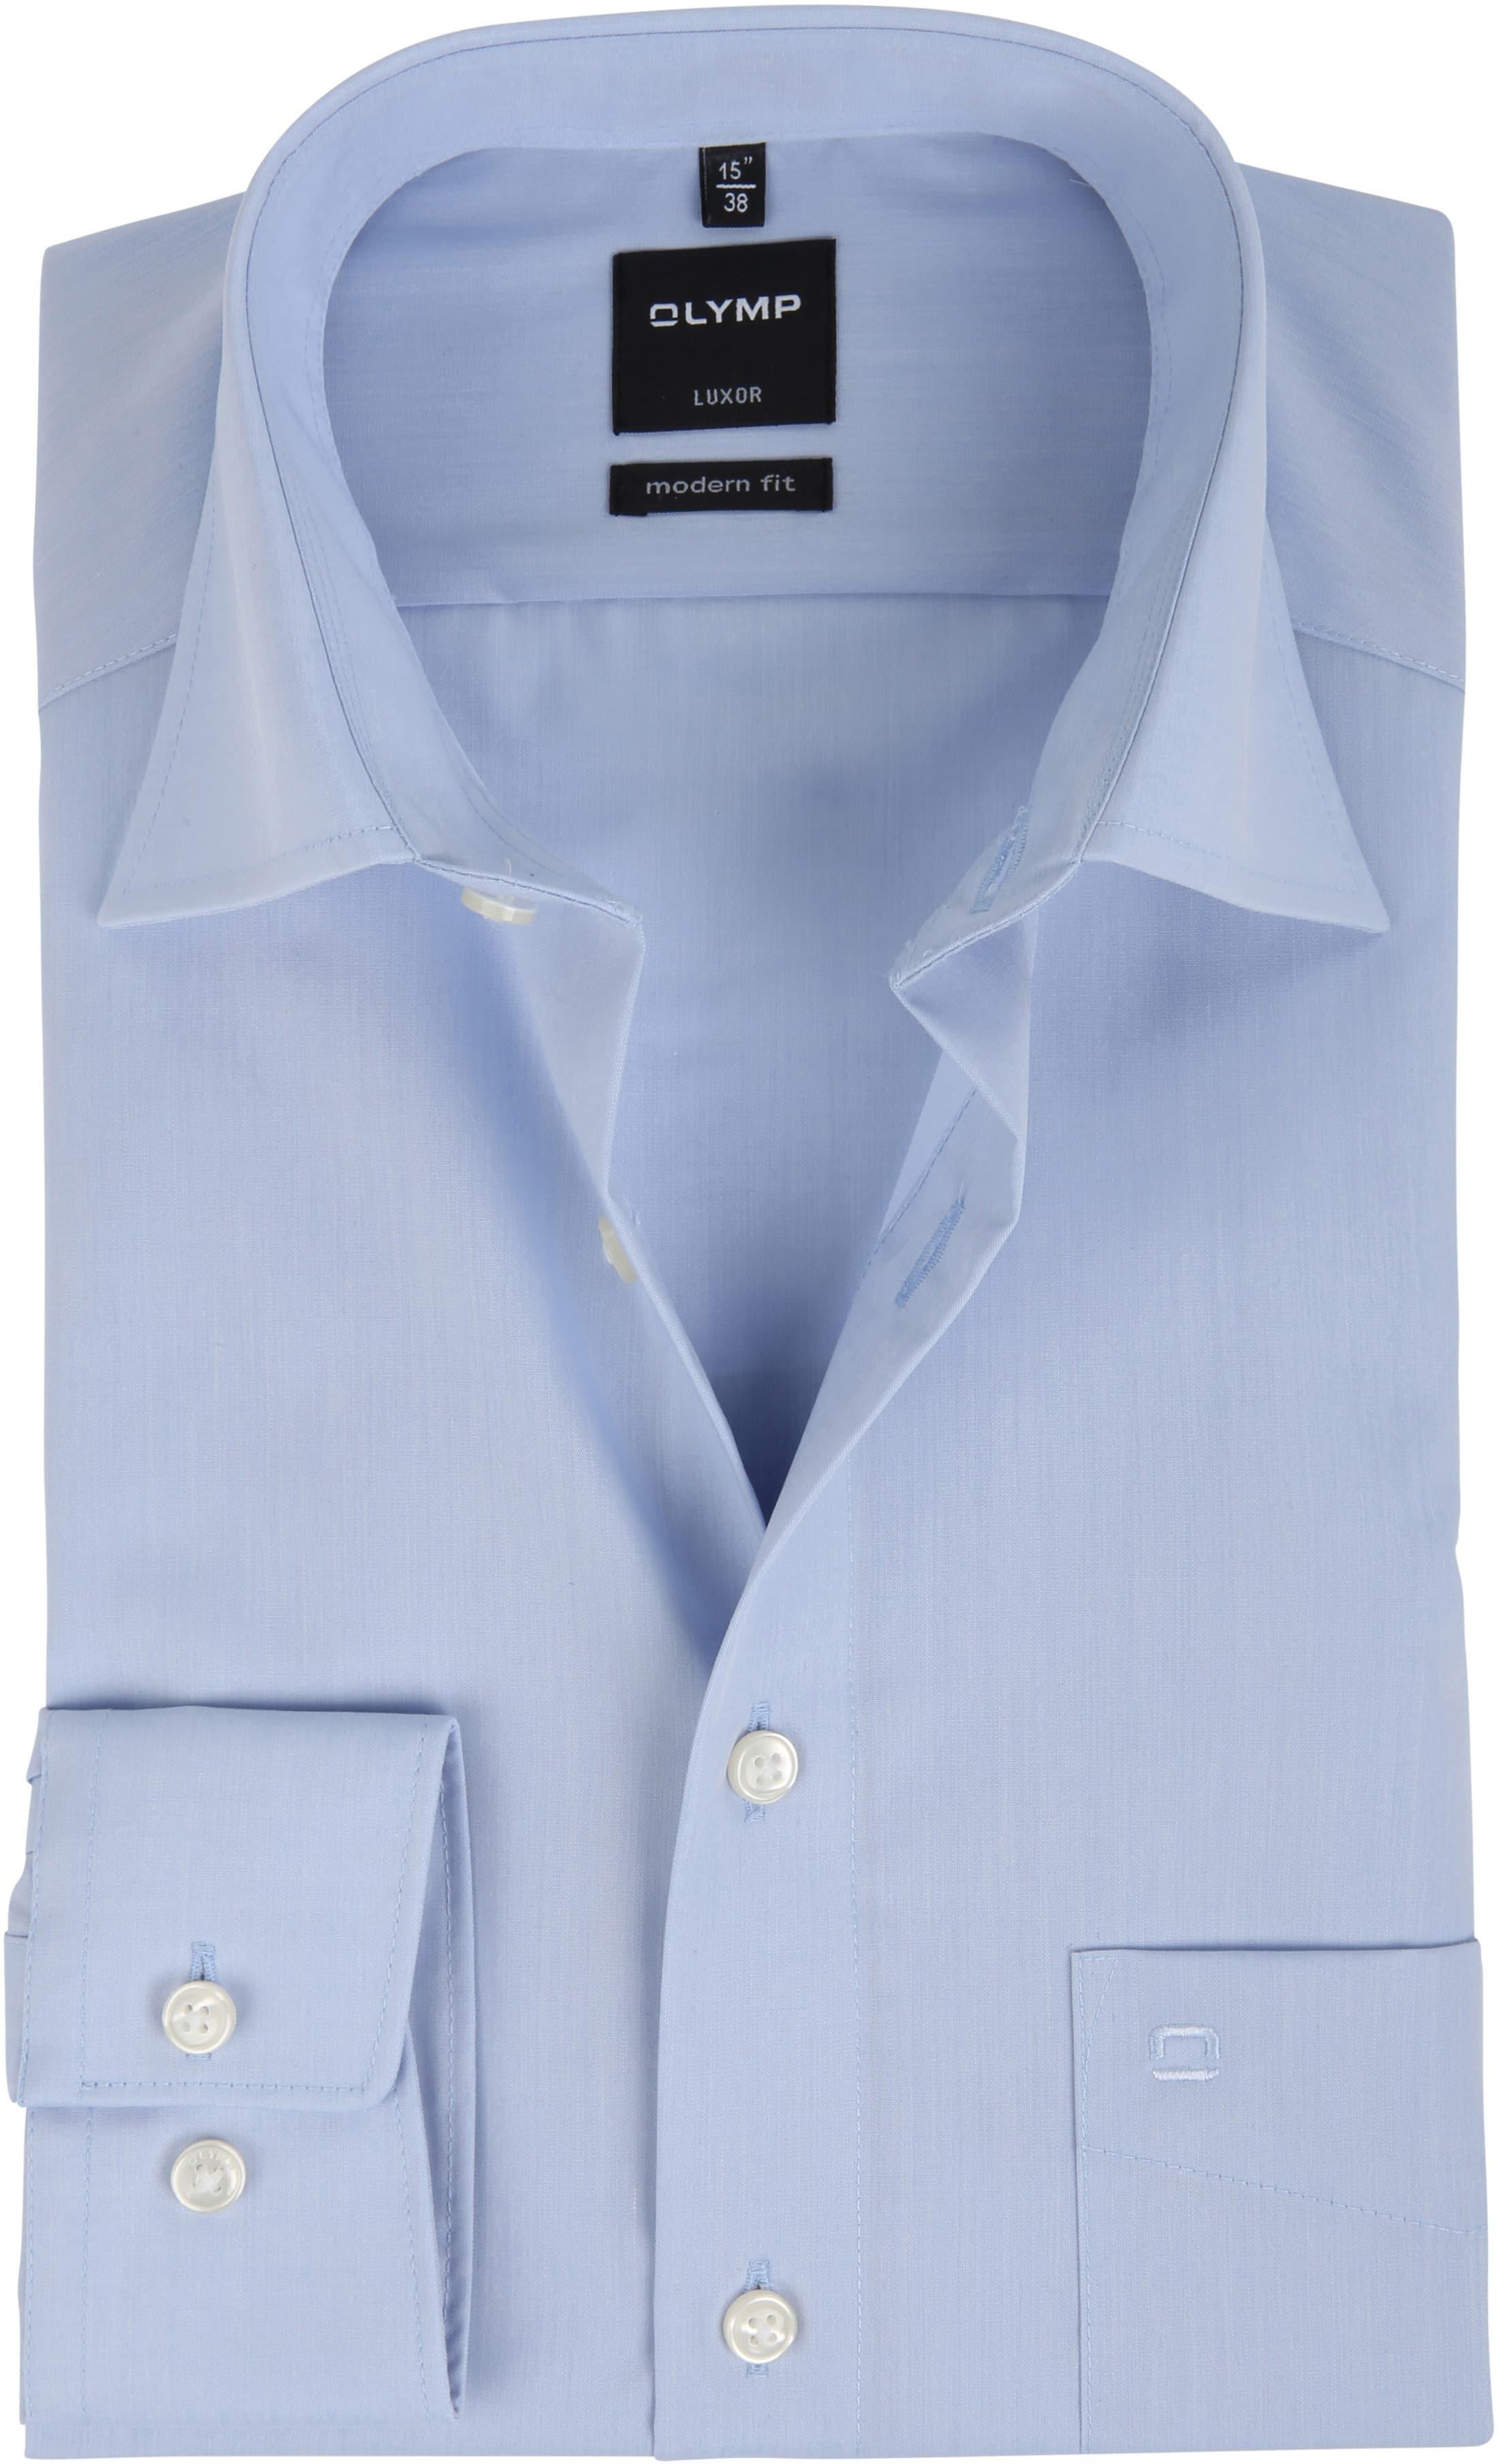 OLYMP Luxor Hemd Modern Fit Light Blue